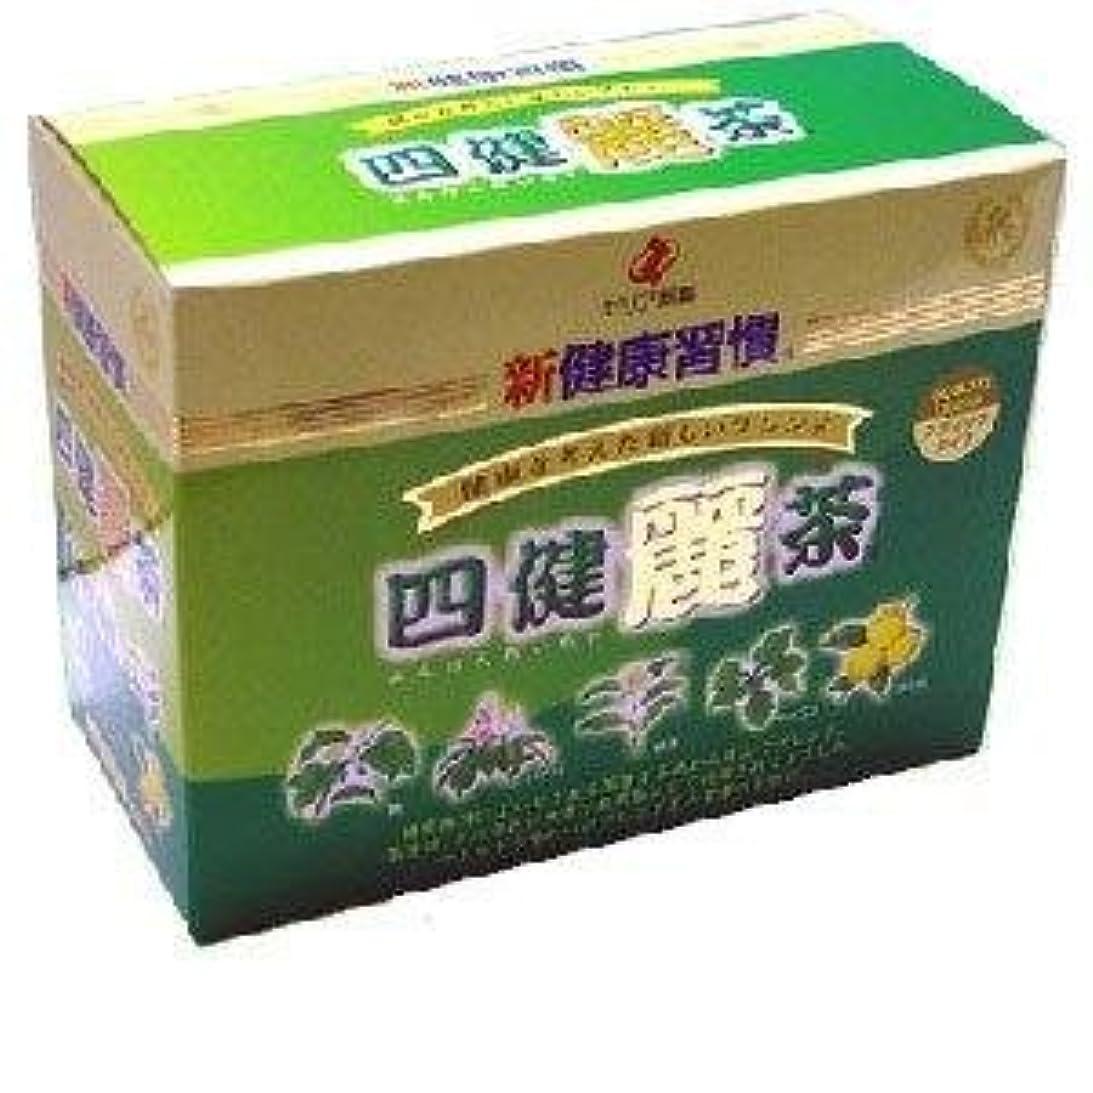 練る買い物に行く湿原新健康習慣 四健麗茶 60袋 4個